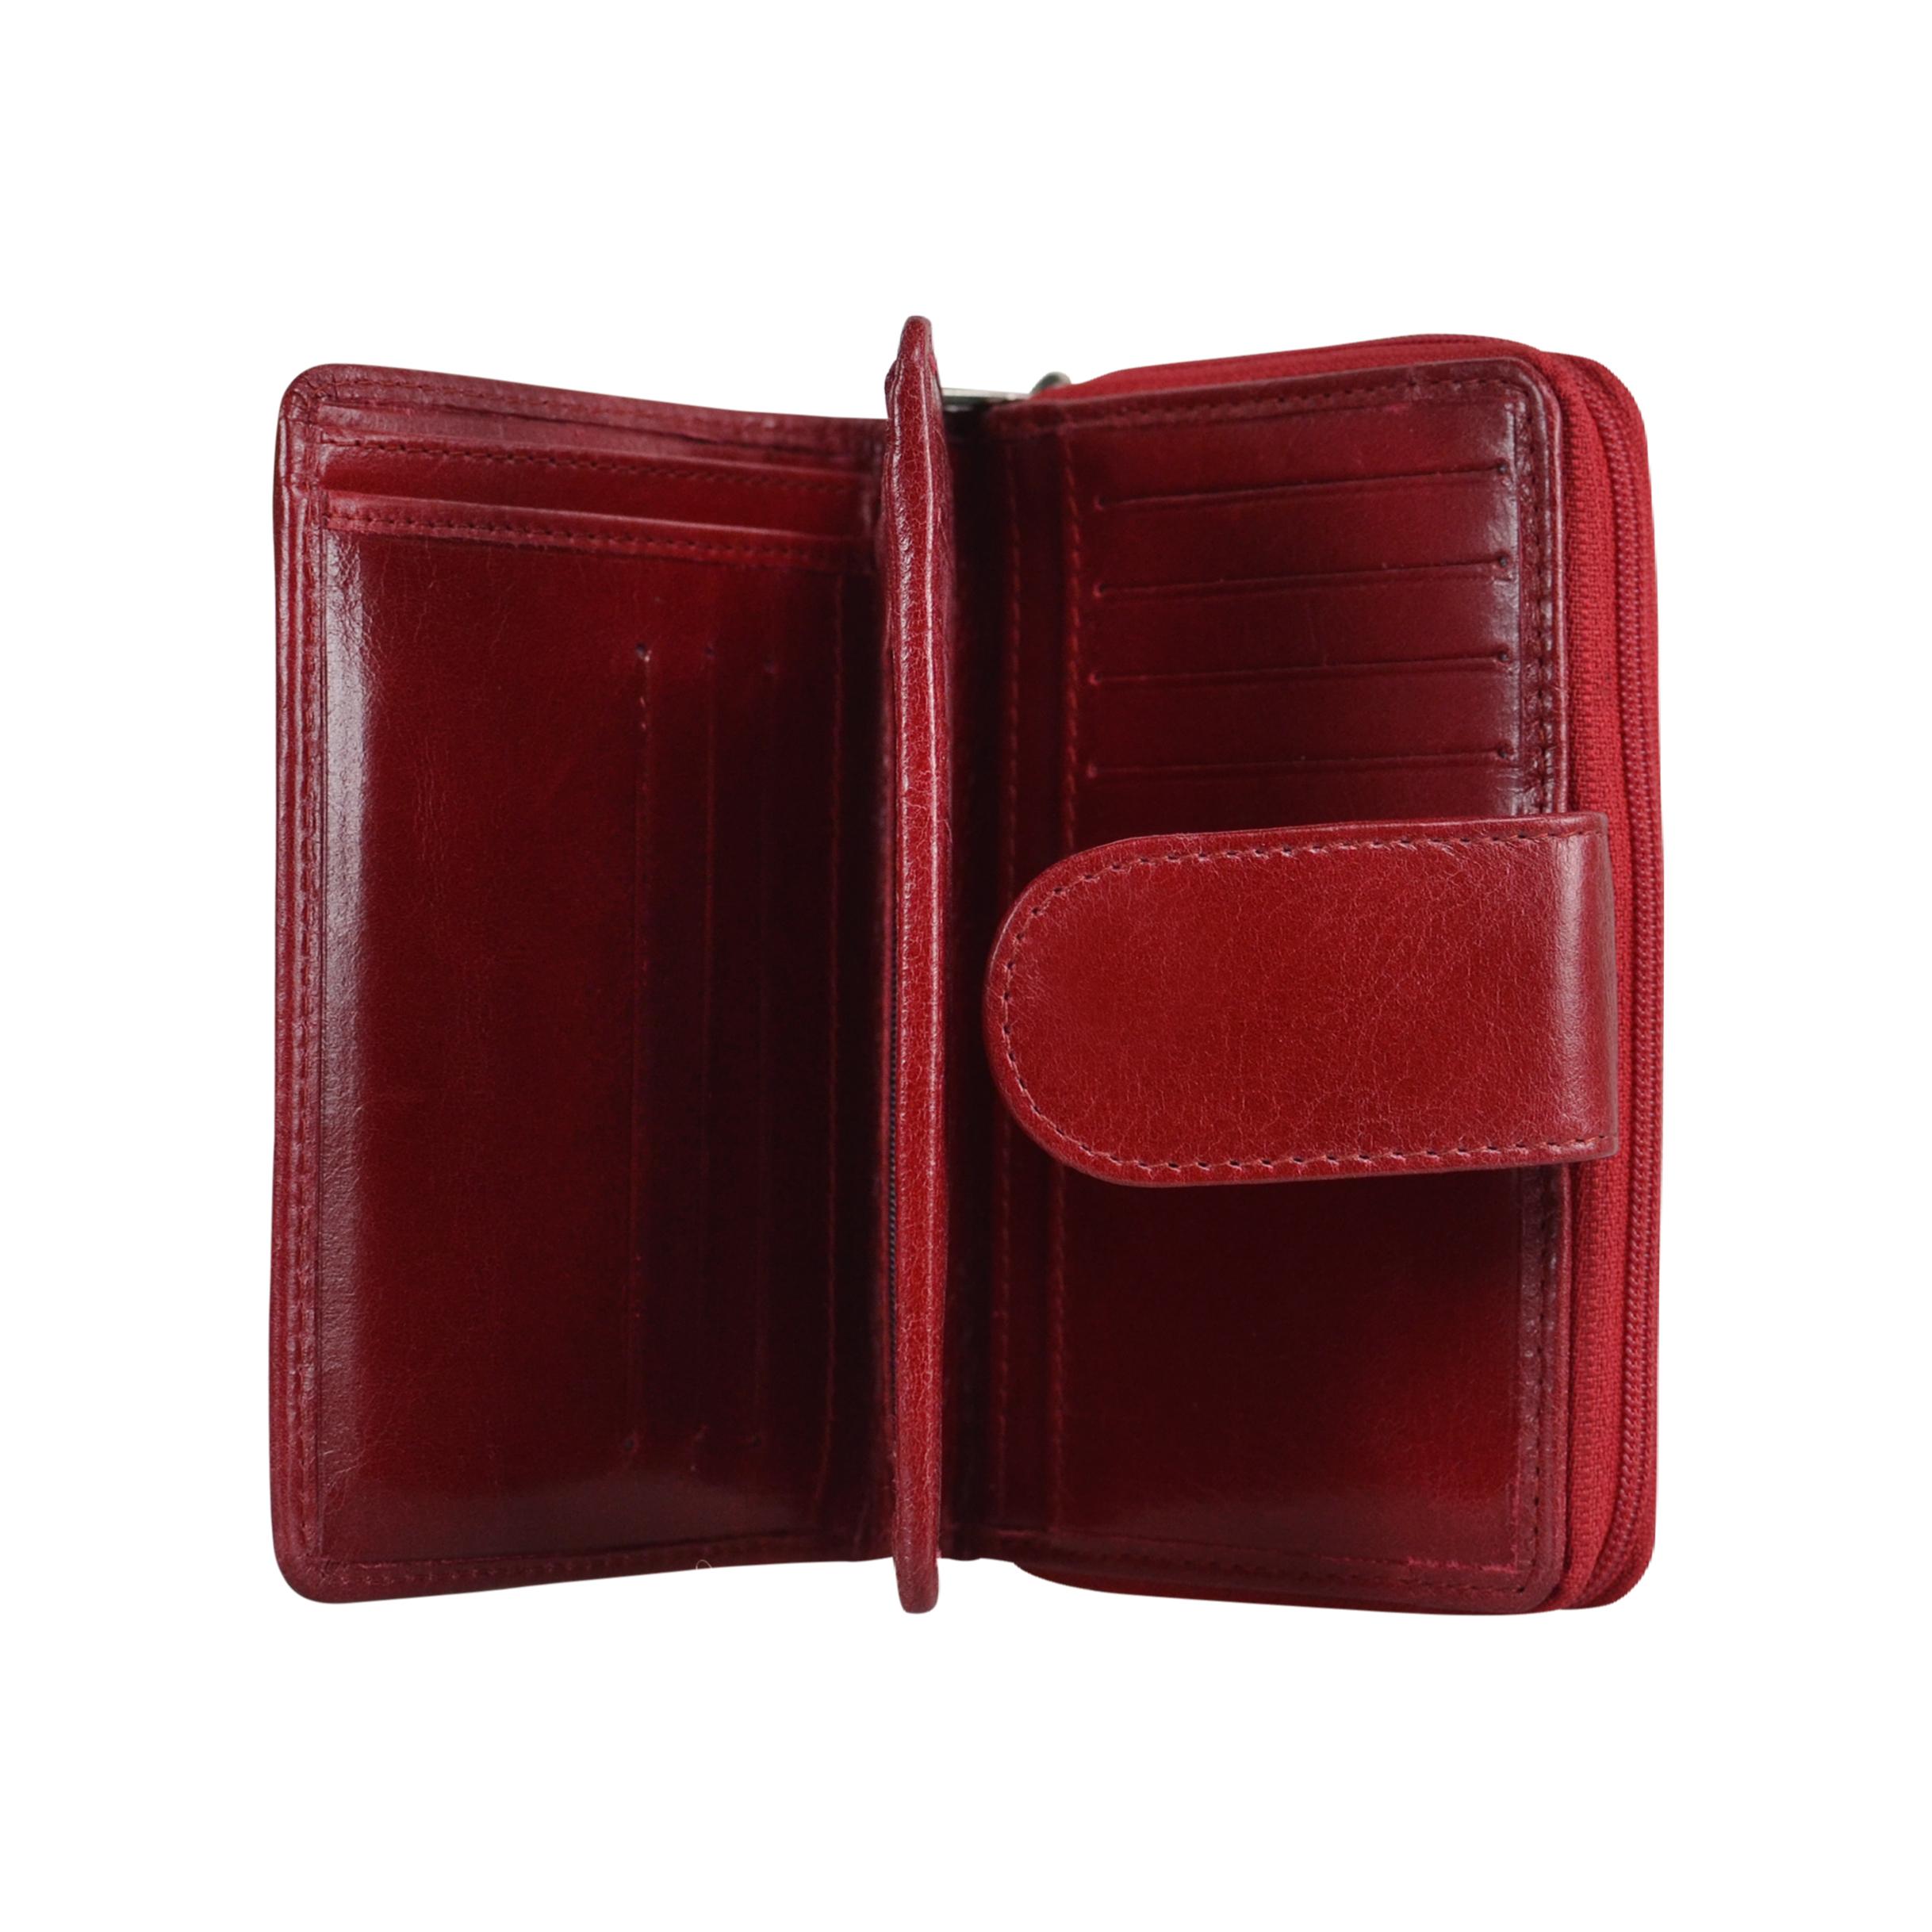 Belsac Pung, Dark red